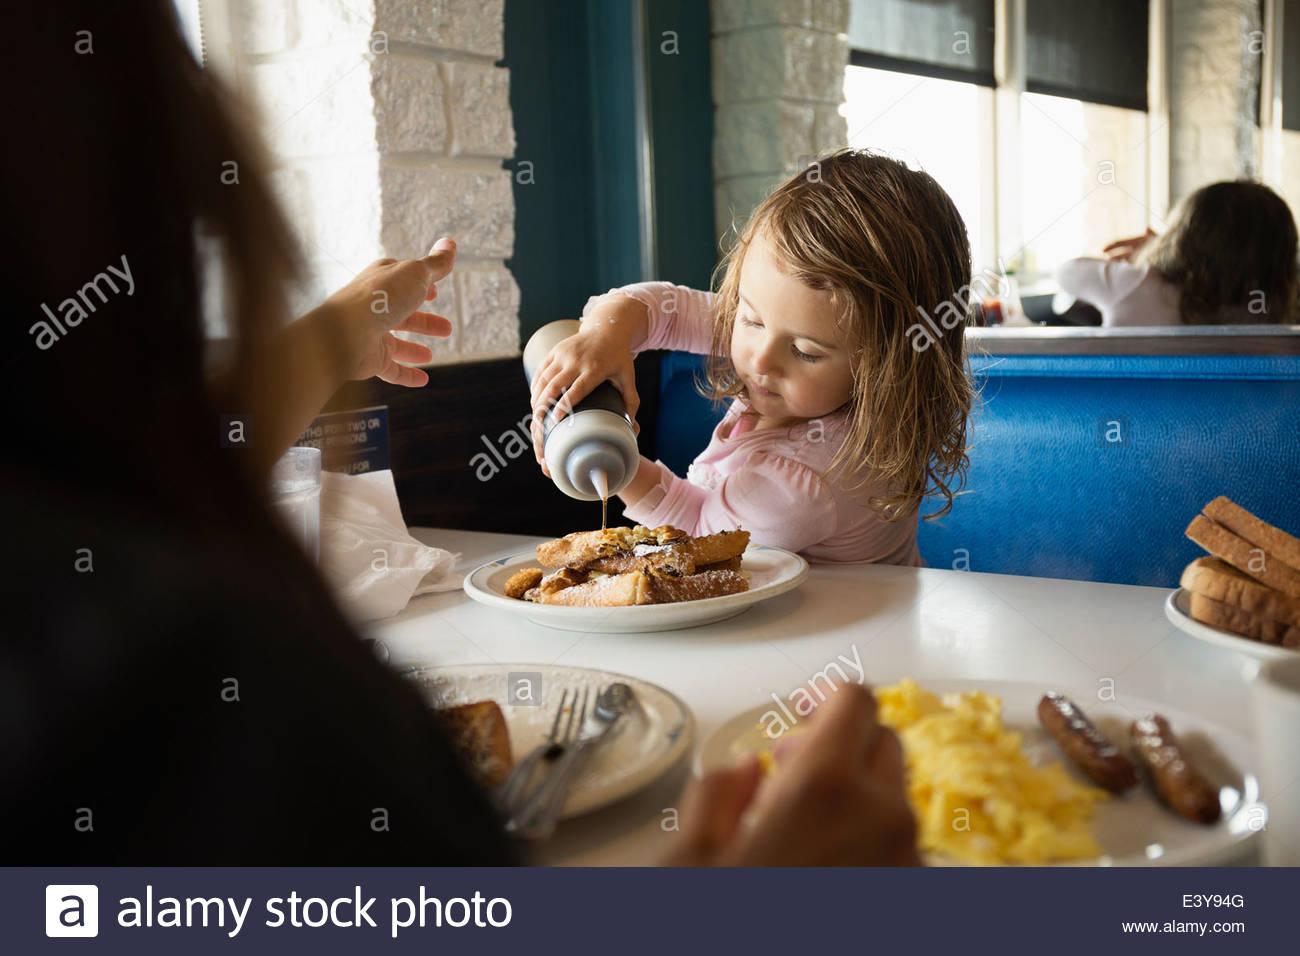 Mutter mit Kleinkind Tochter strömenden Ketchup im diner Stockbild